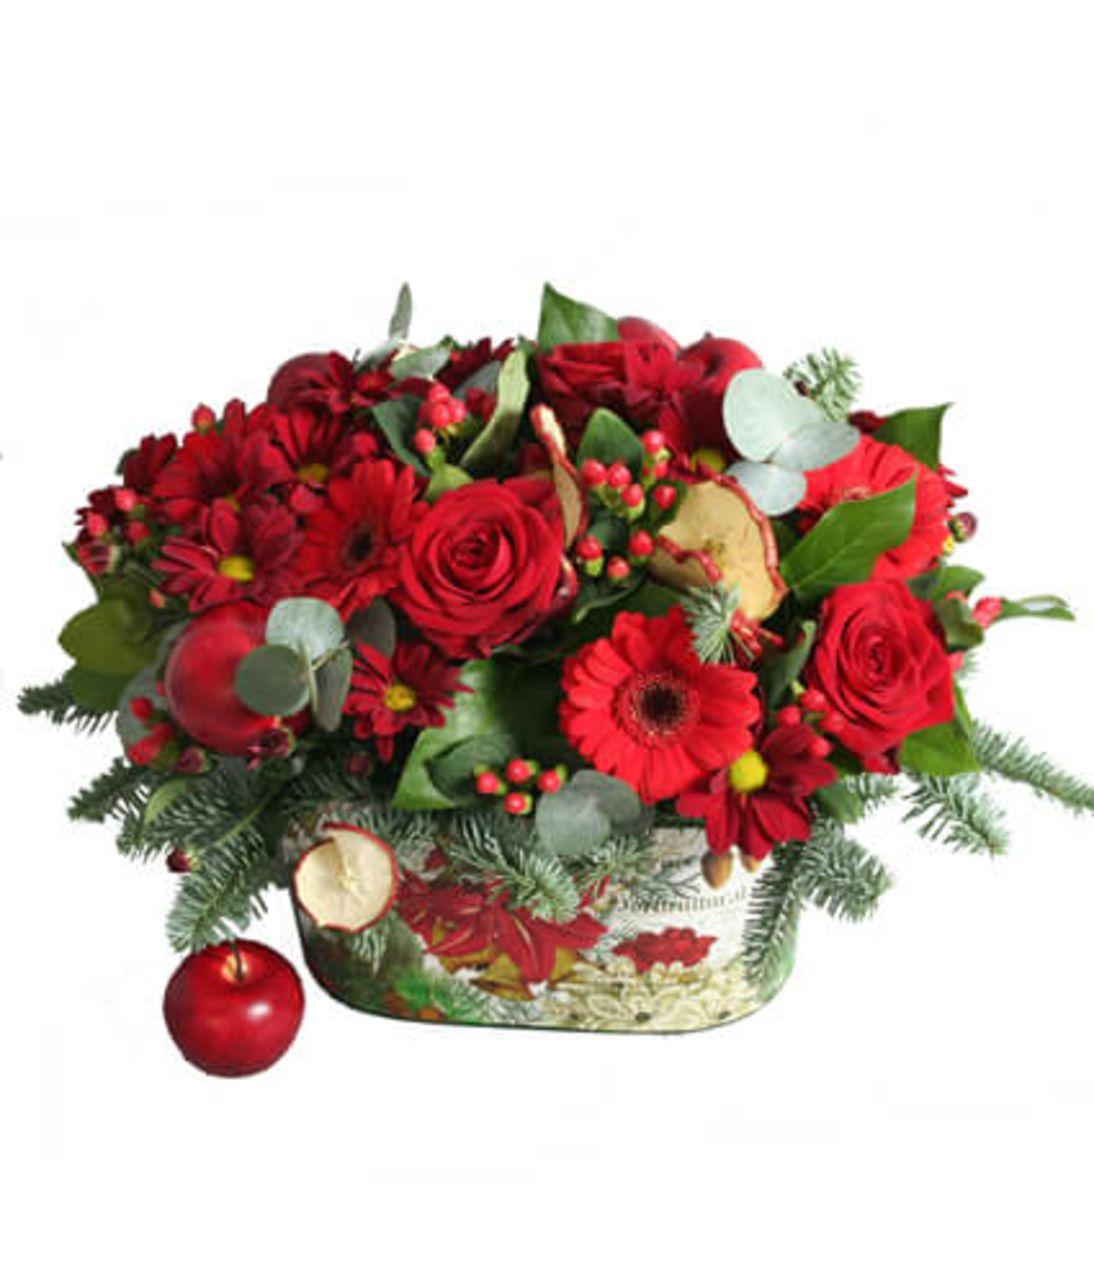 Новогодняя композиция №2. Superflowers.com.ua